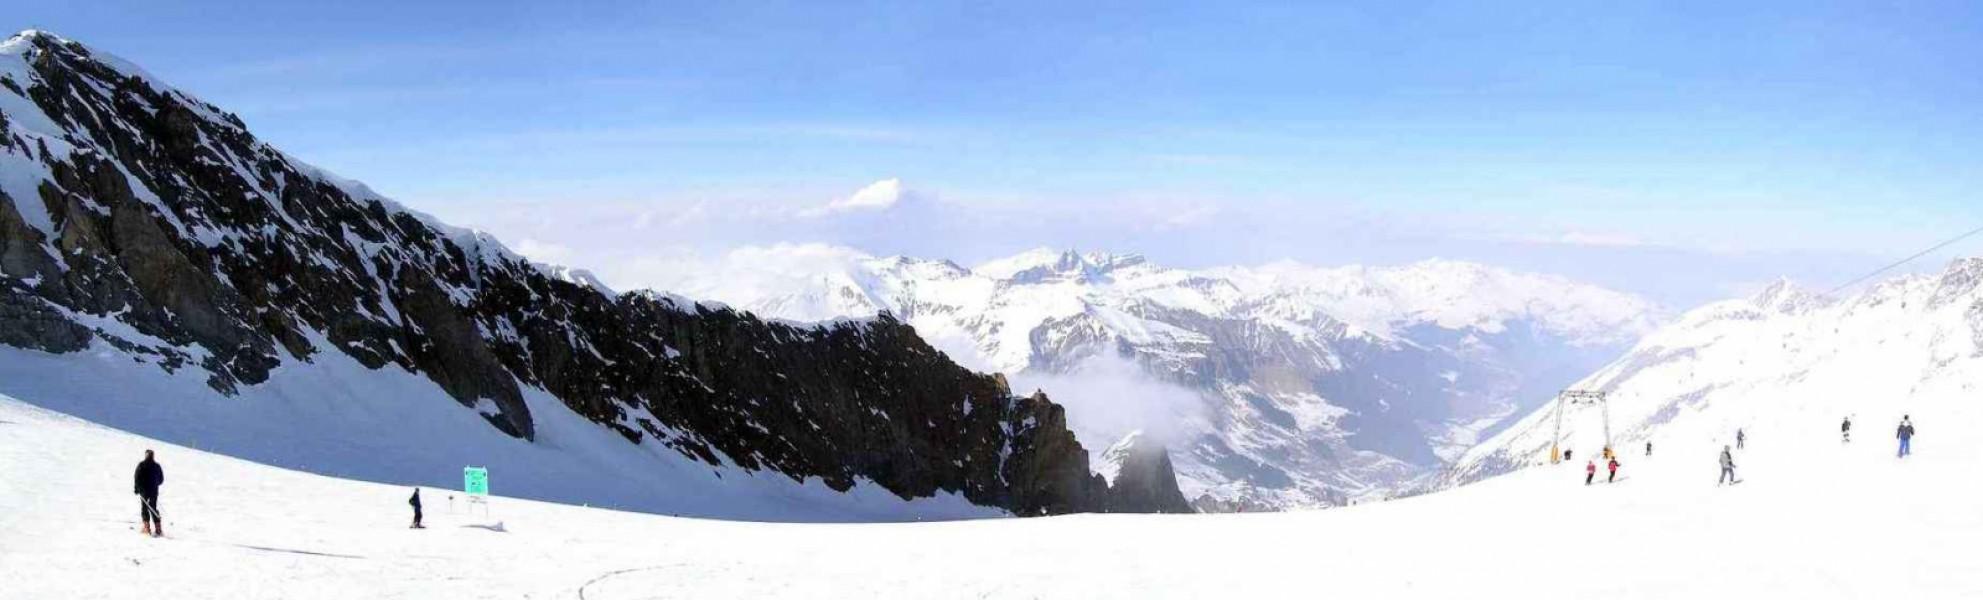 Hintertuxer Glacier